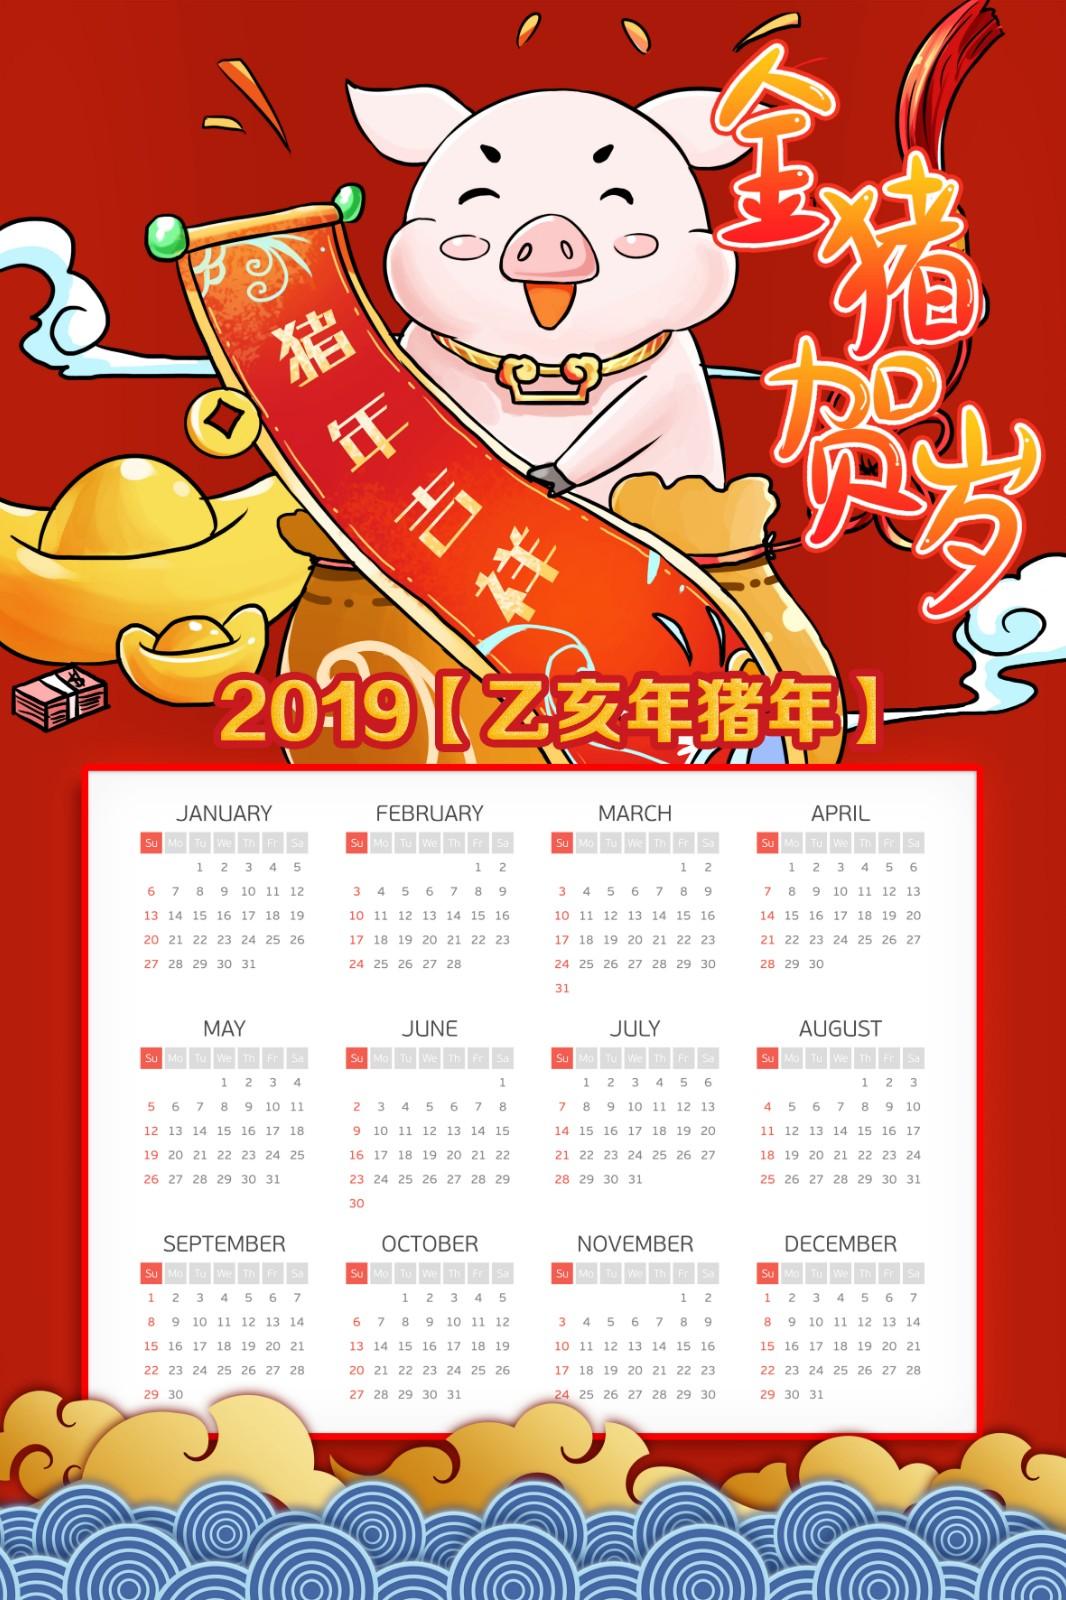 2019年猪年吉祥 猪年挂历海报日历